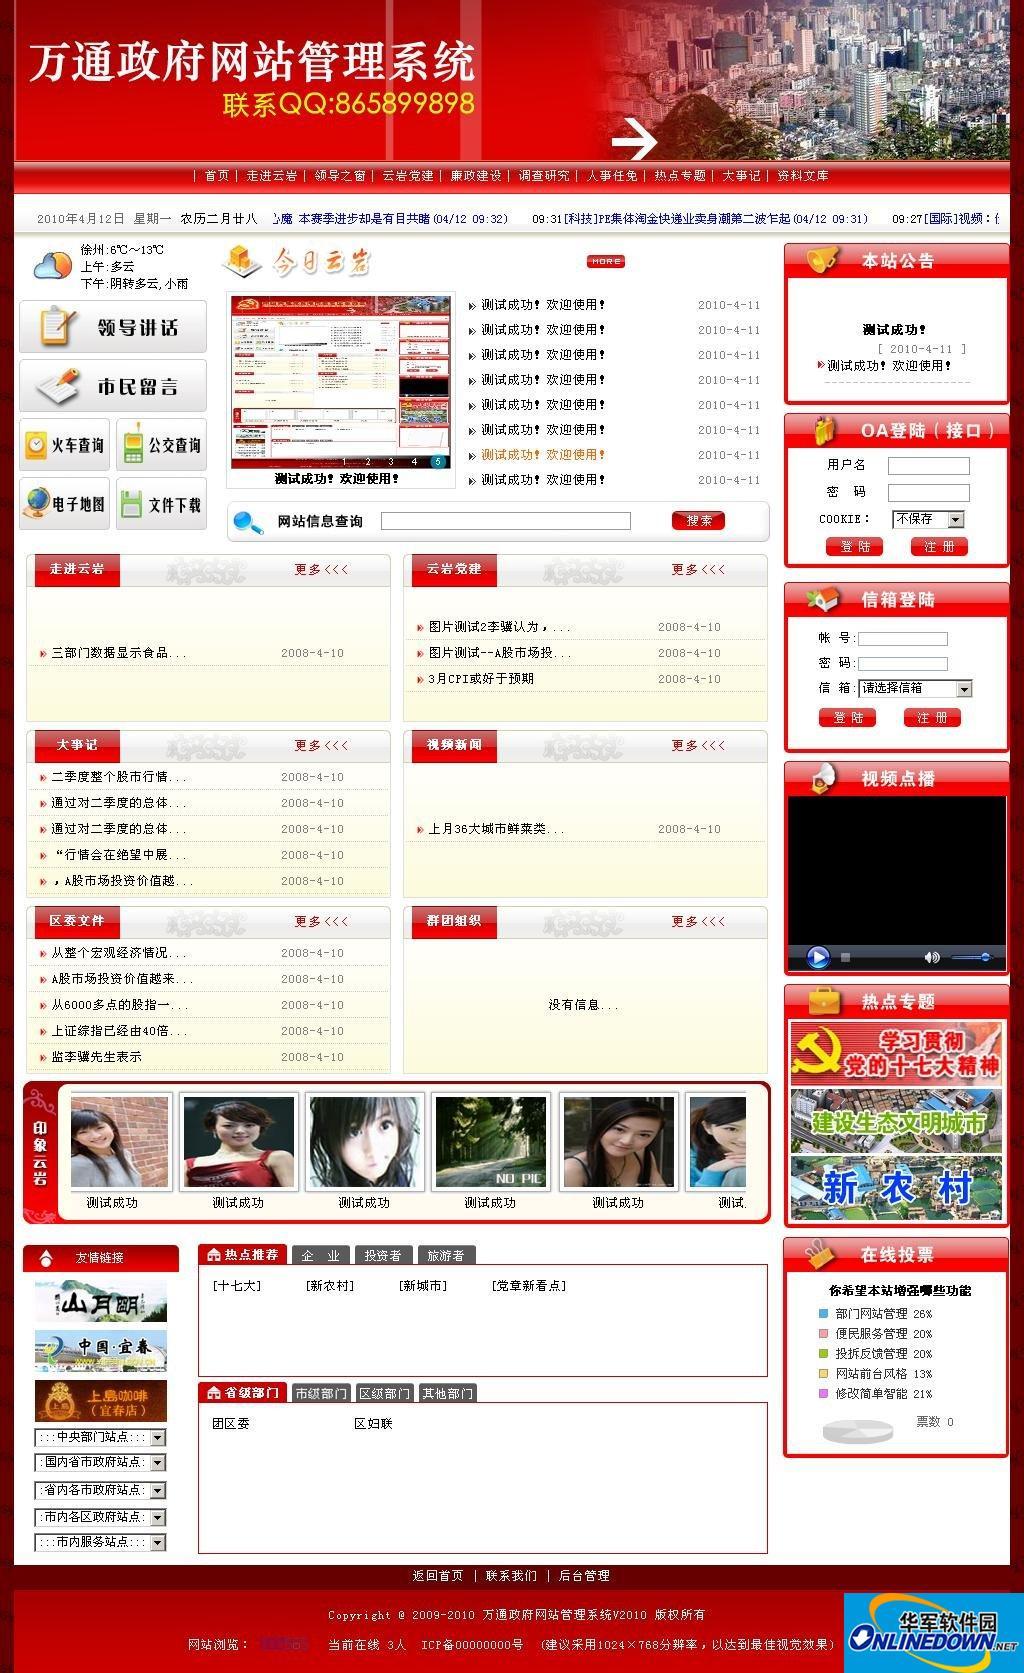 万通政府网整站 9.9